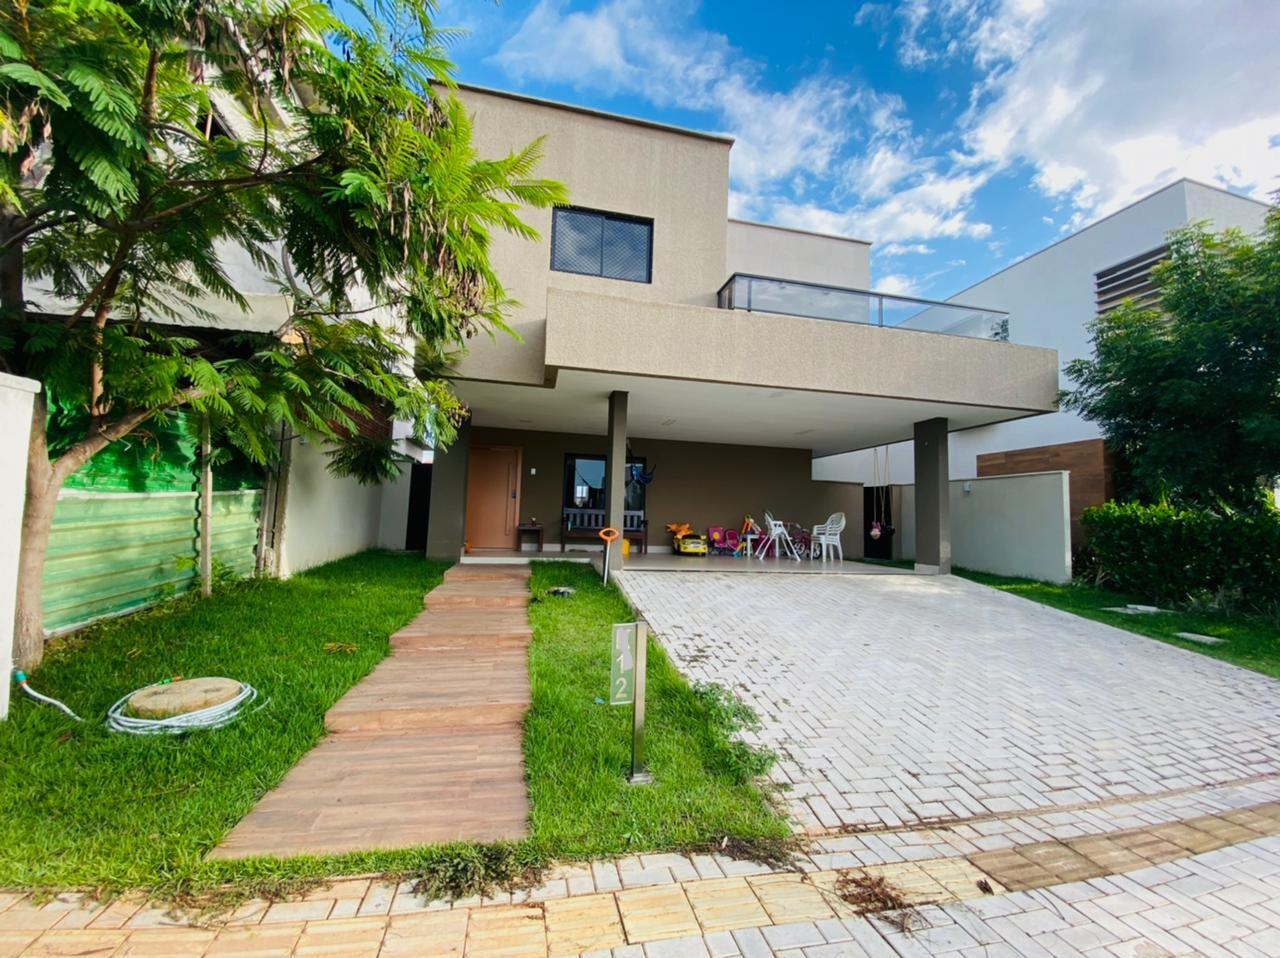 Vendo casa duplex no Terras Alphaville em Teresina-PI